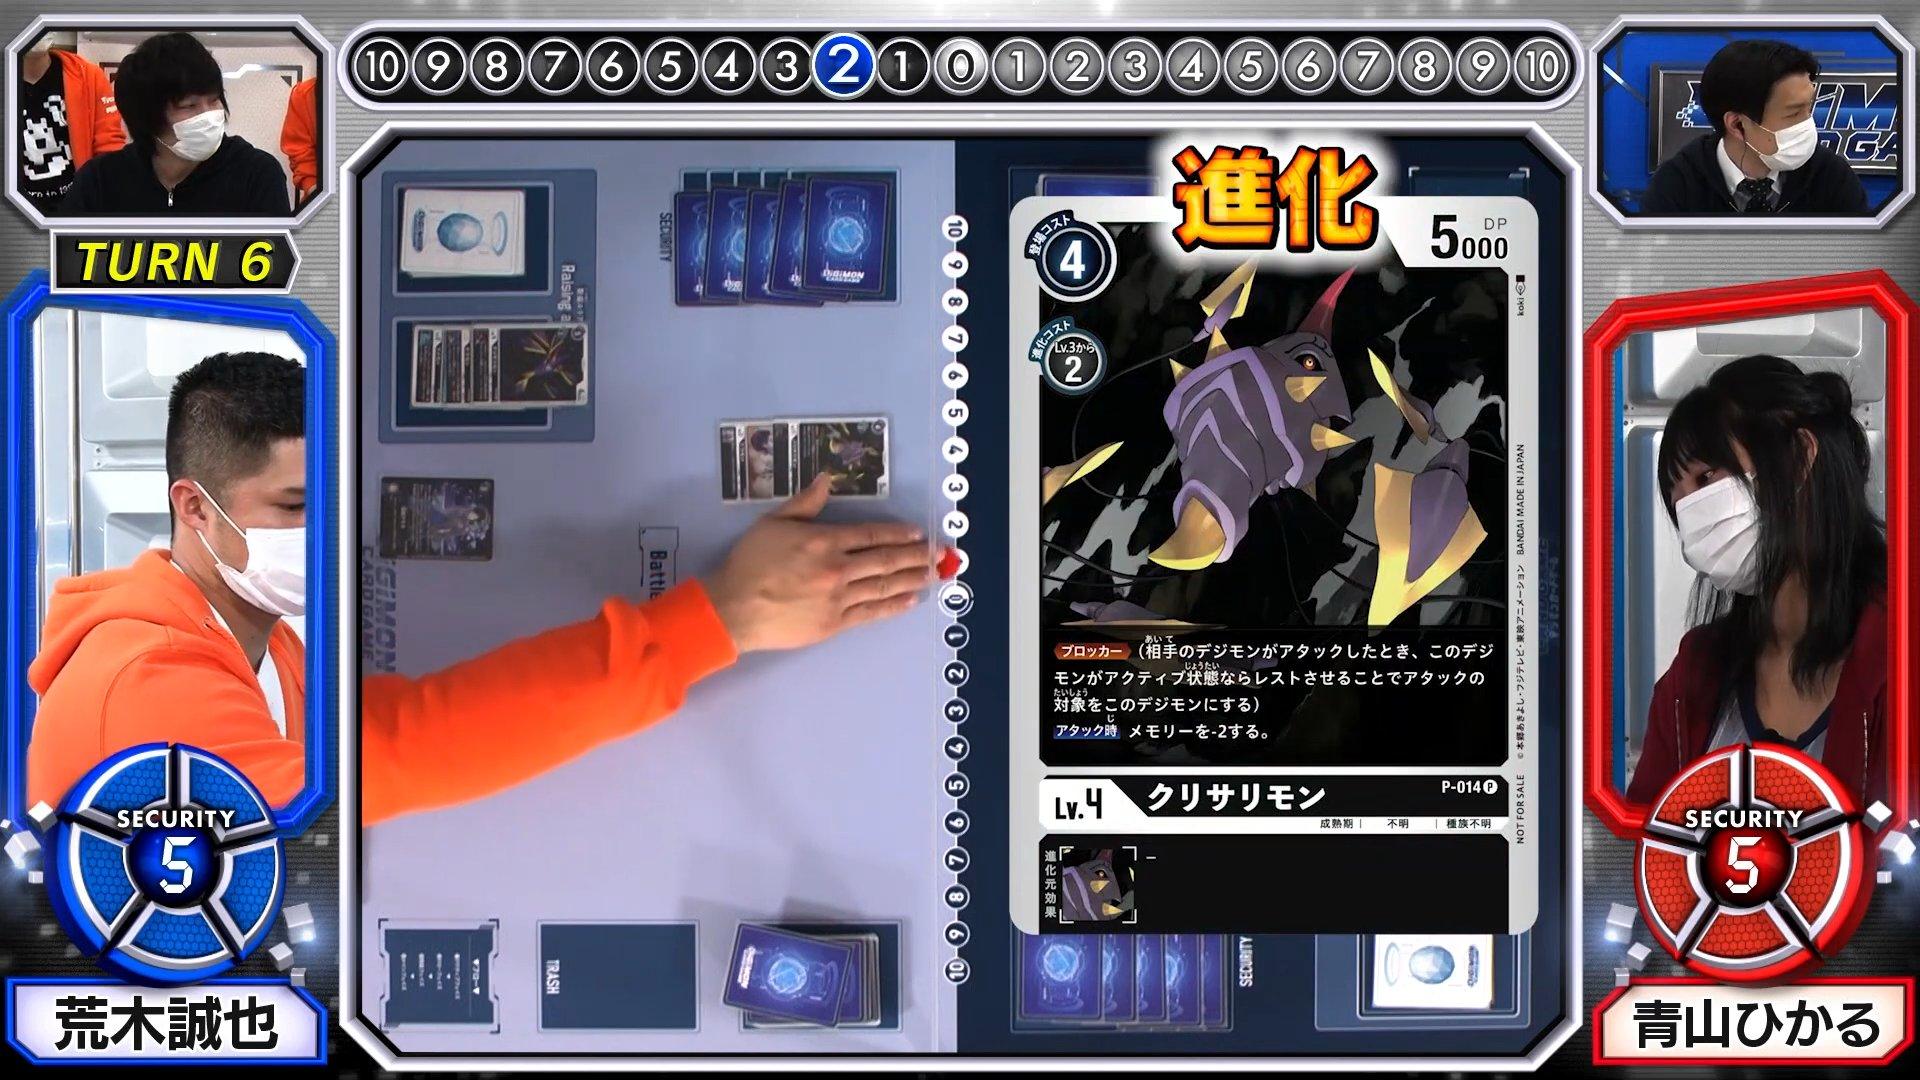 digimoncardbattle_v2_25_04_april1_2021.jpg